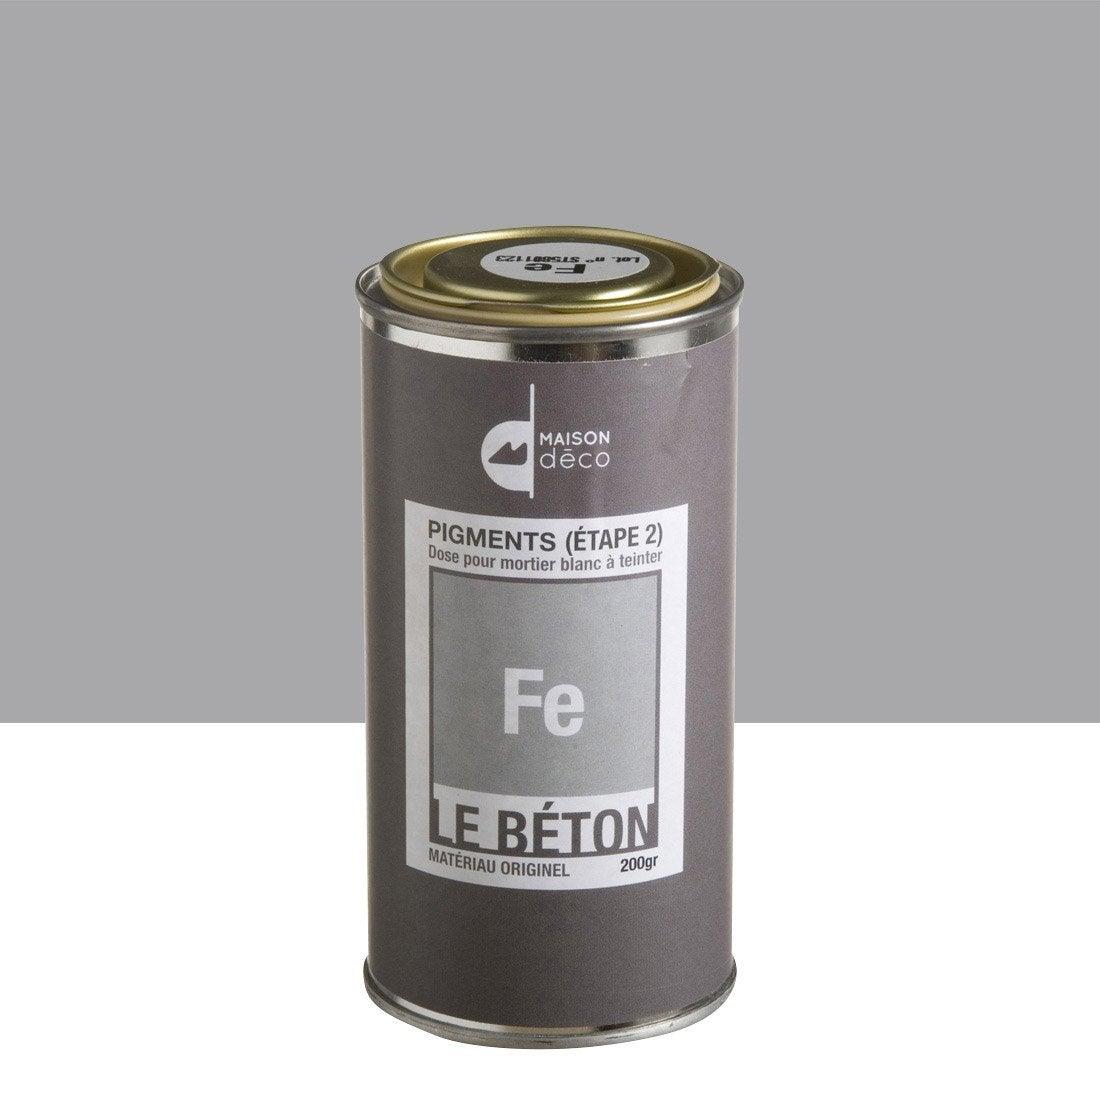 Peinture effet pigment le b ton maison deco fe 0 2 kg - Peinture les decoratives leroy merlin ...